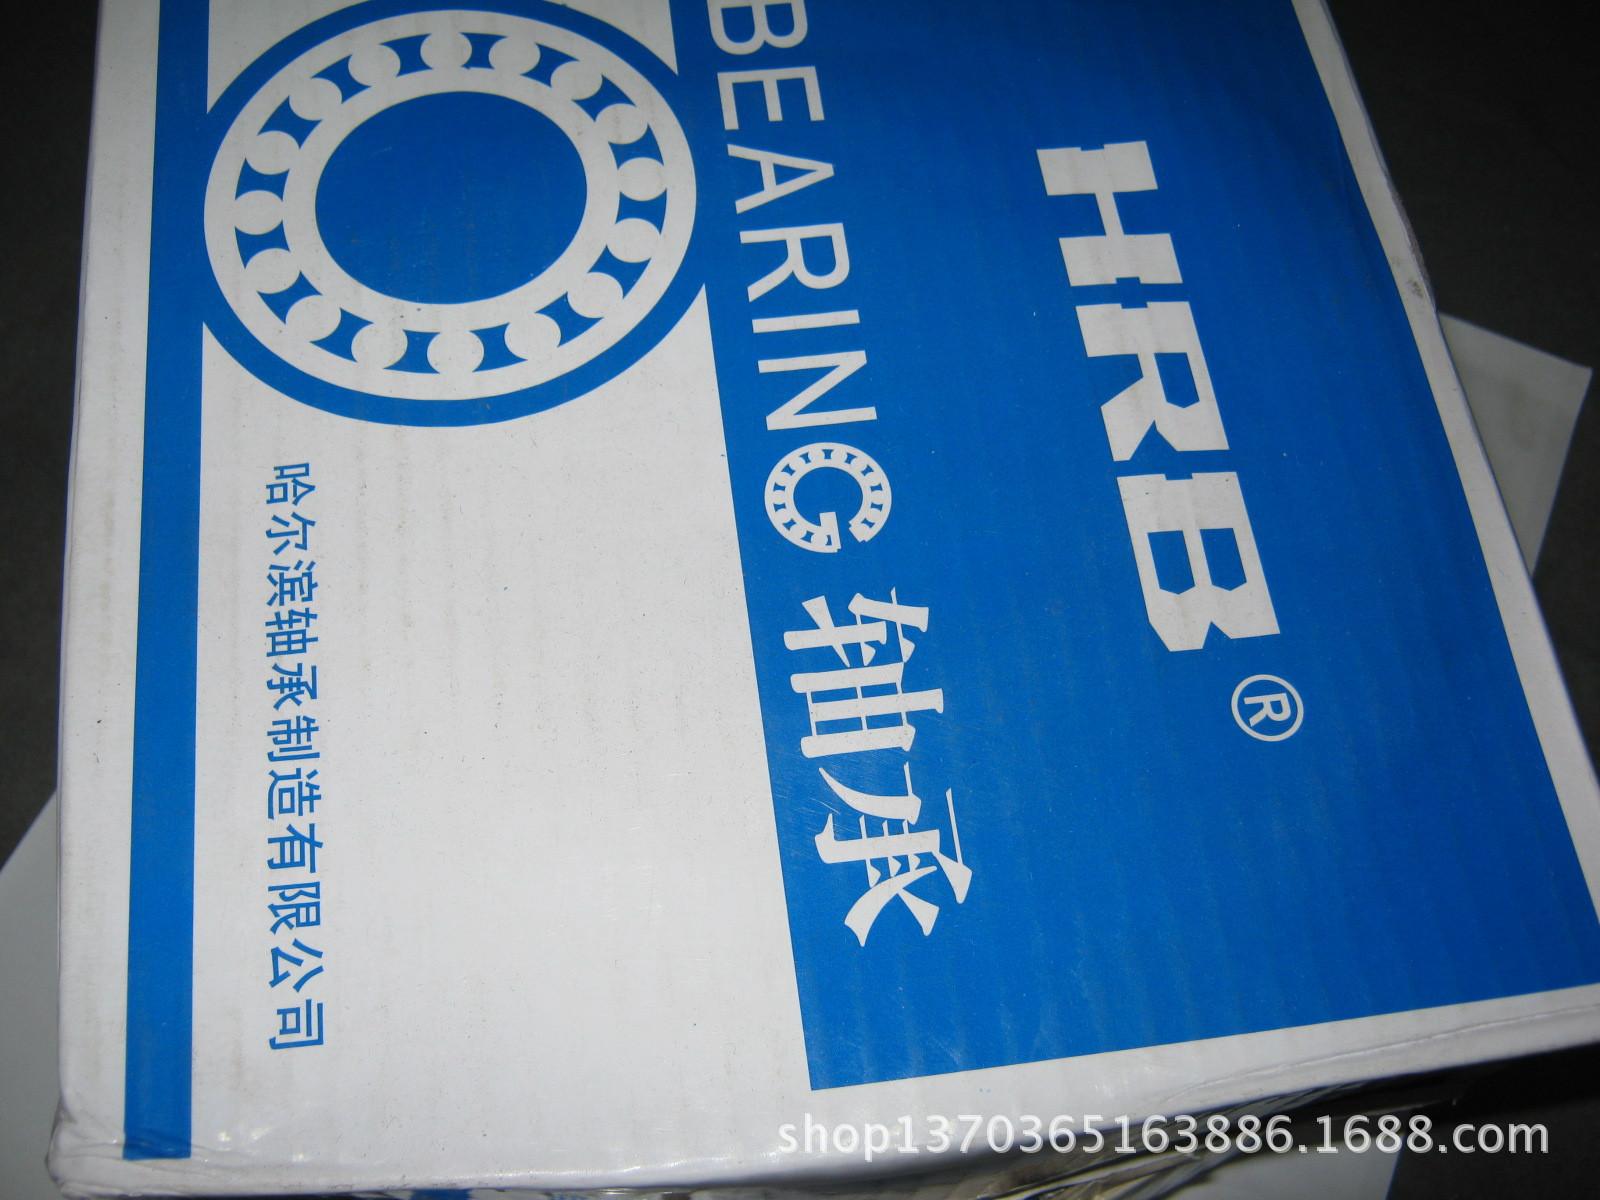 浙江衢州 出售 6244轴承 哈尔滨 HRB 哈轴